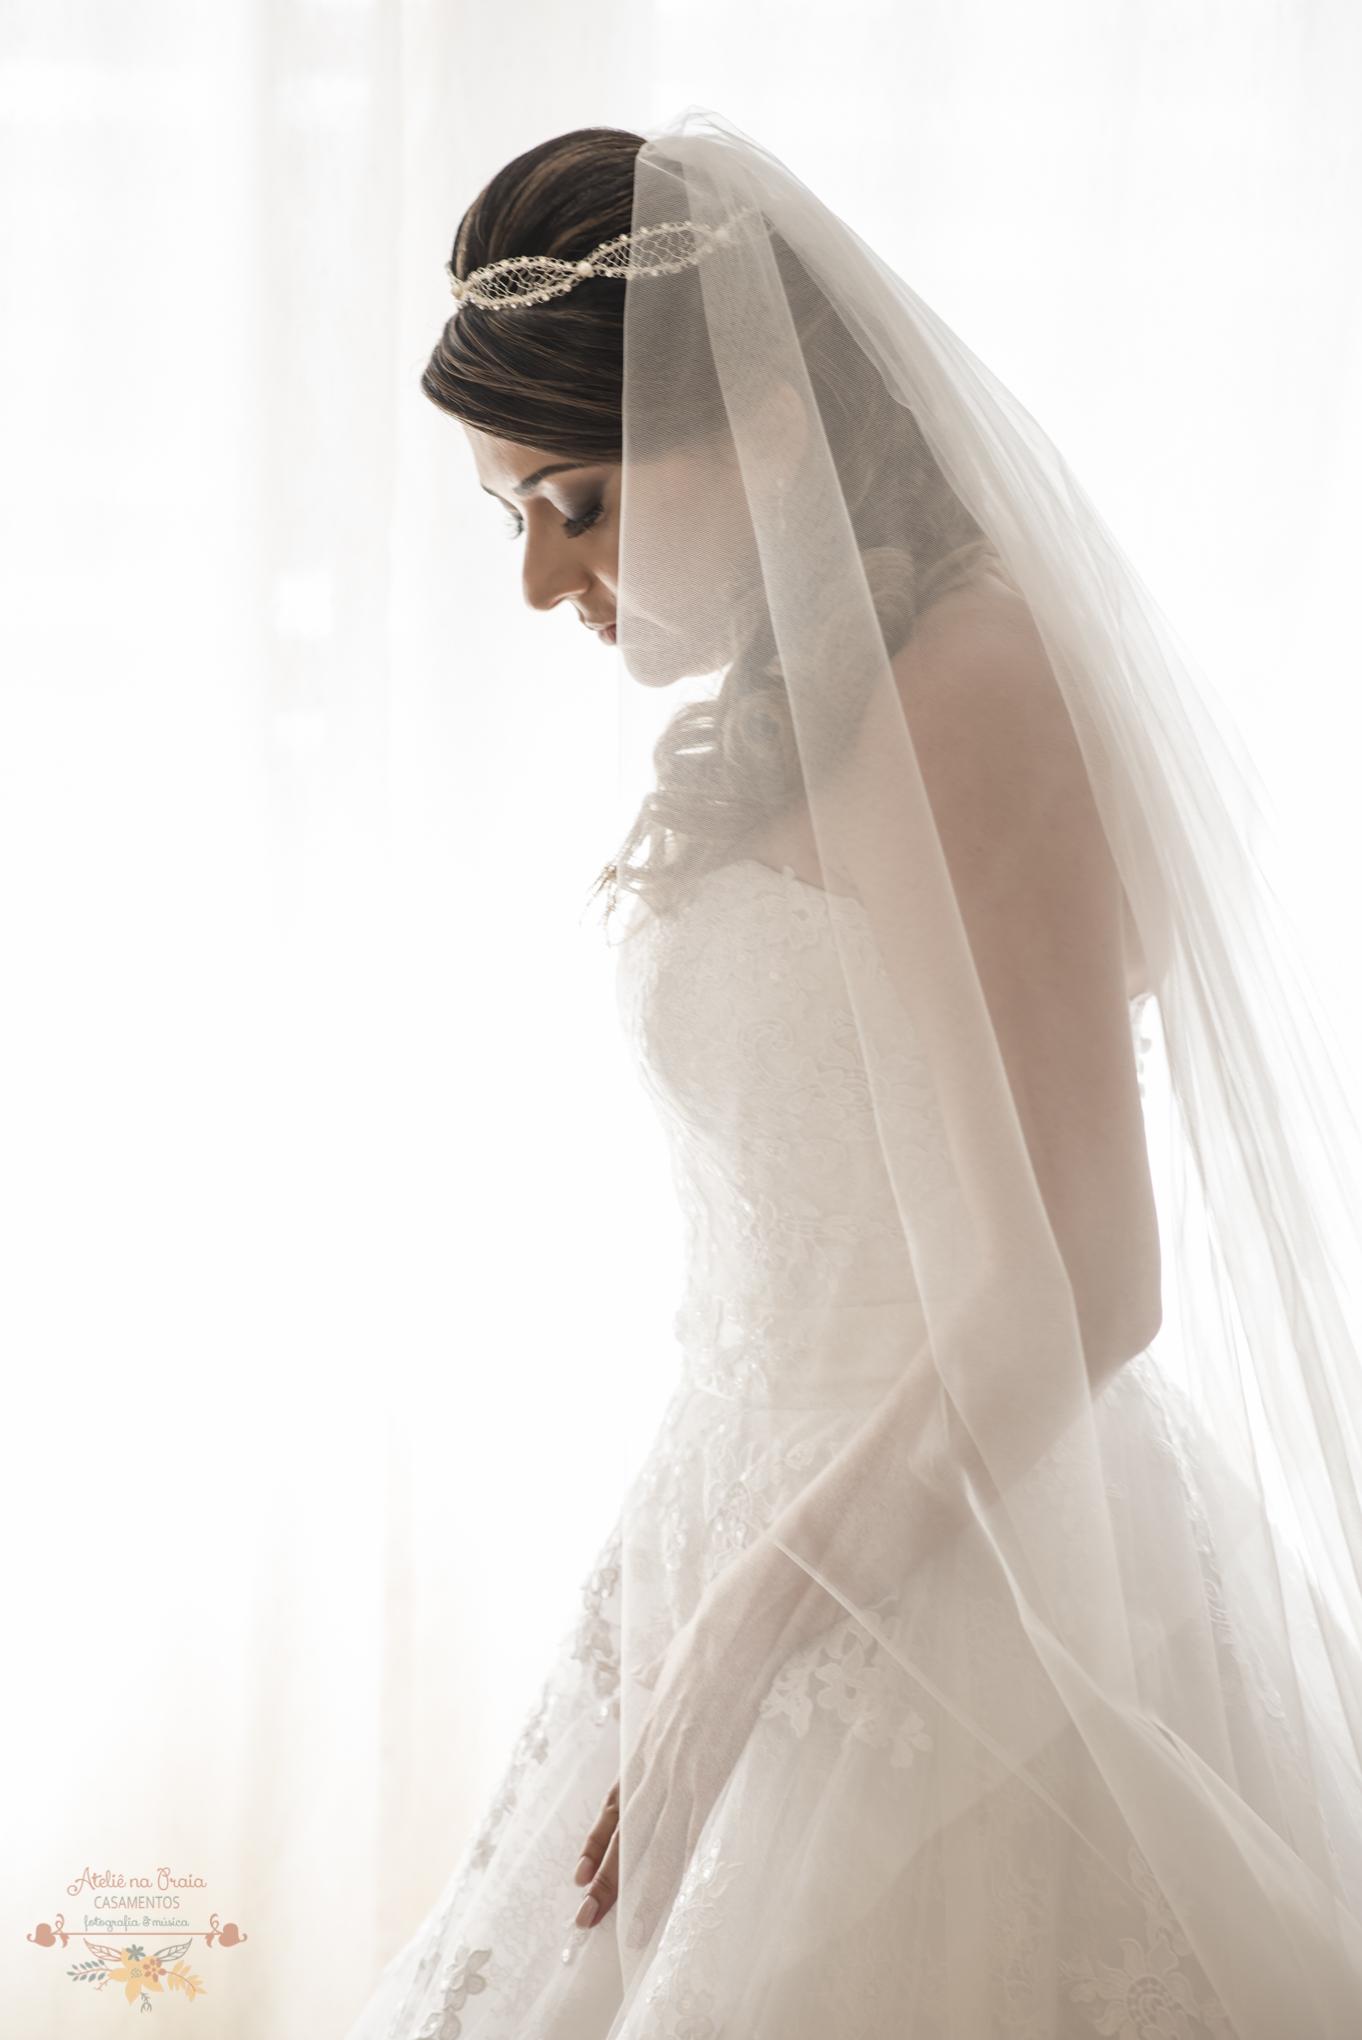 01-Atelie-na-Praia-Casamento-Yasmine-Anderson-0751